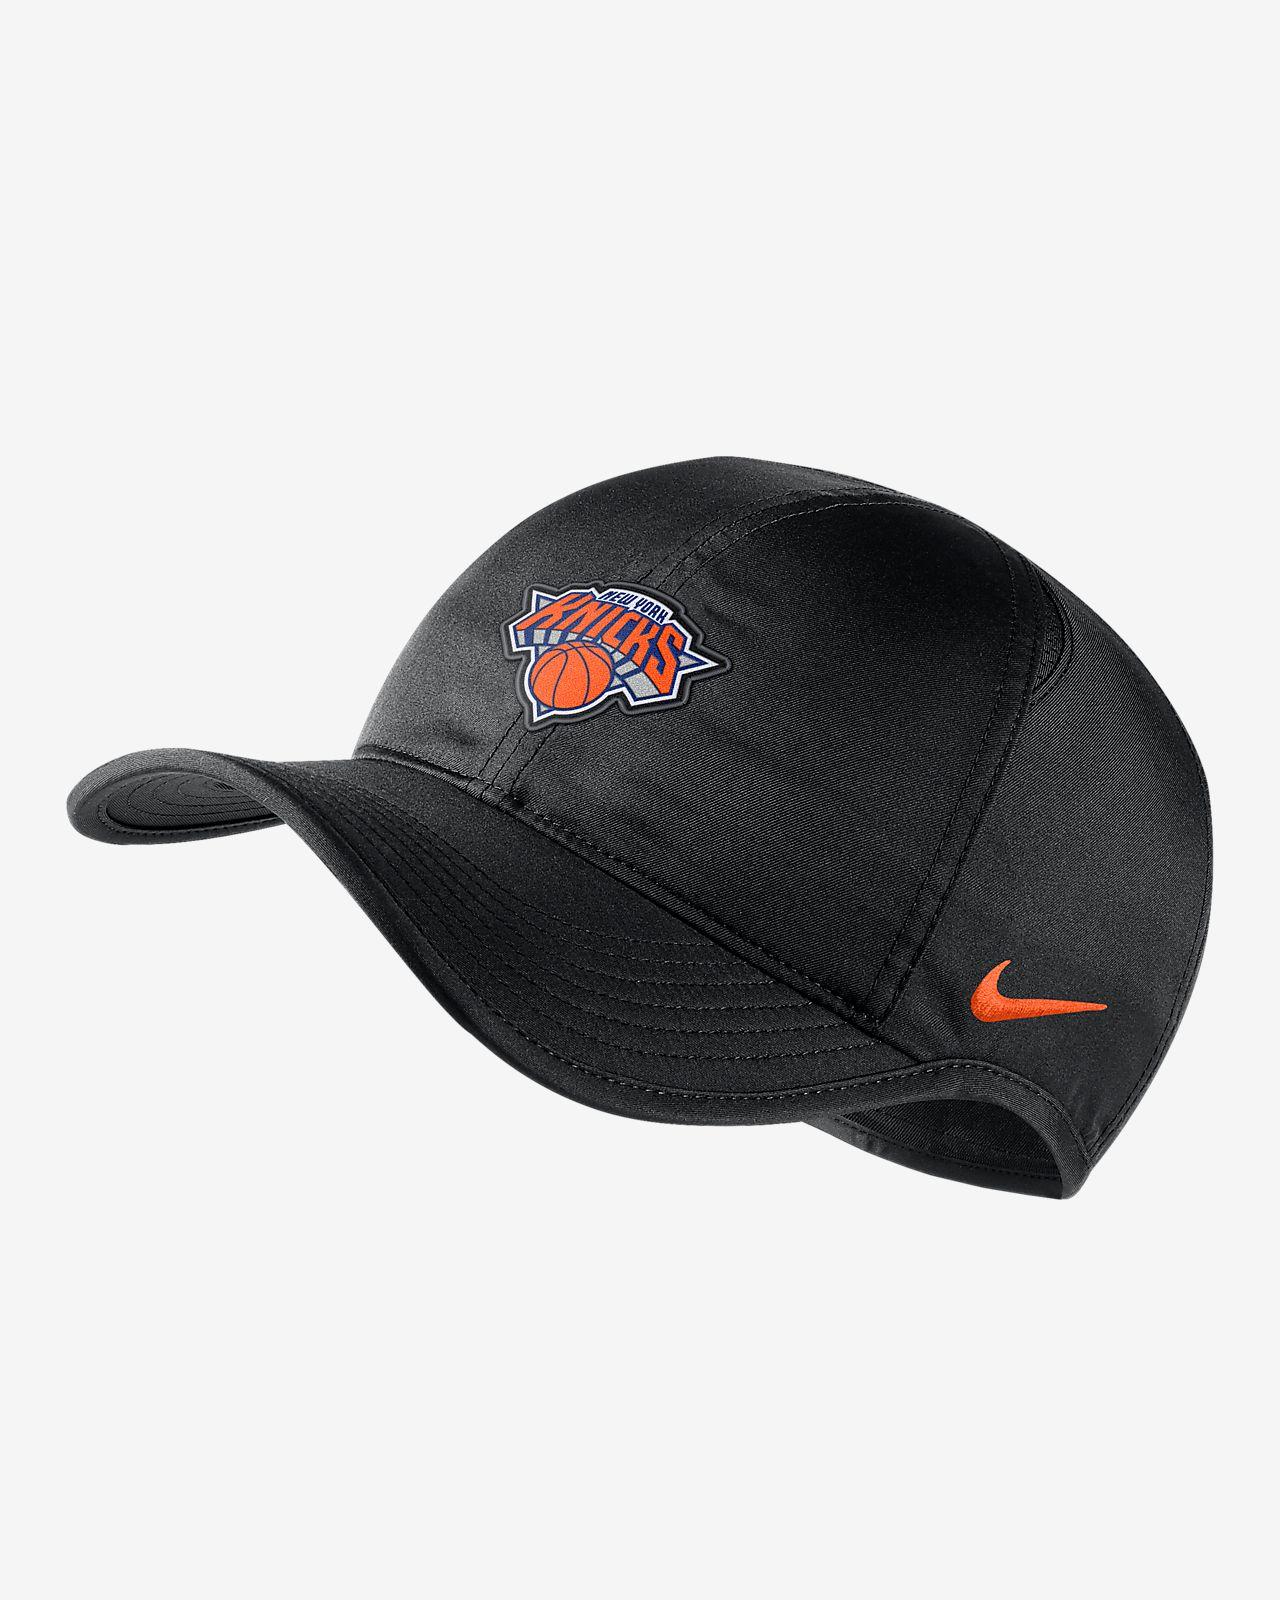 618ffbc9d2d New York Knicks Nike AeroBill Featherlight NBA Hat. Nike.com